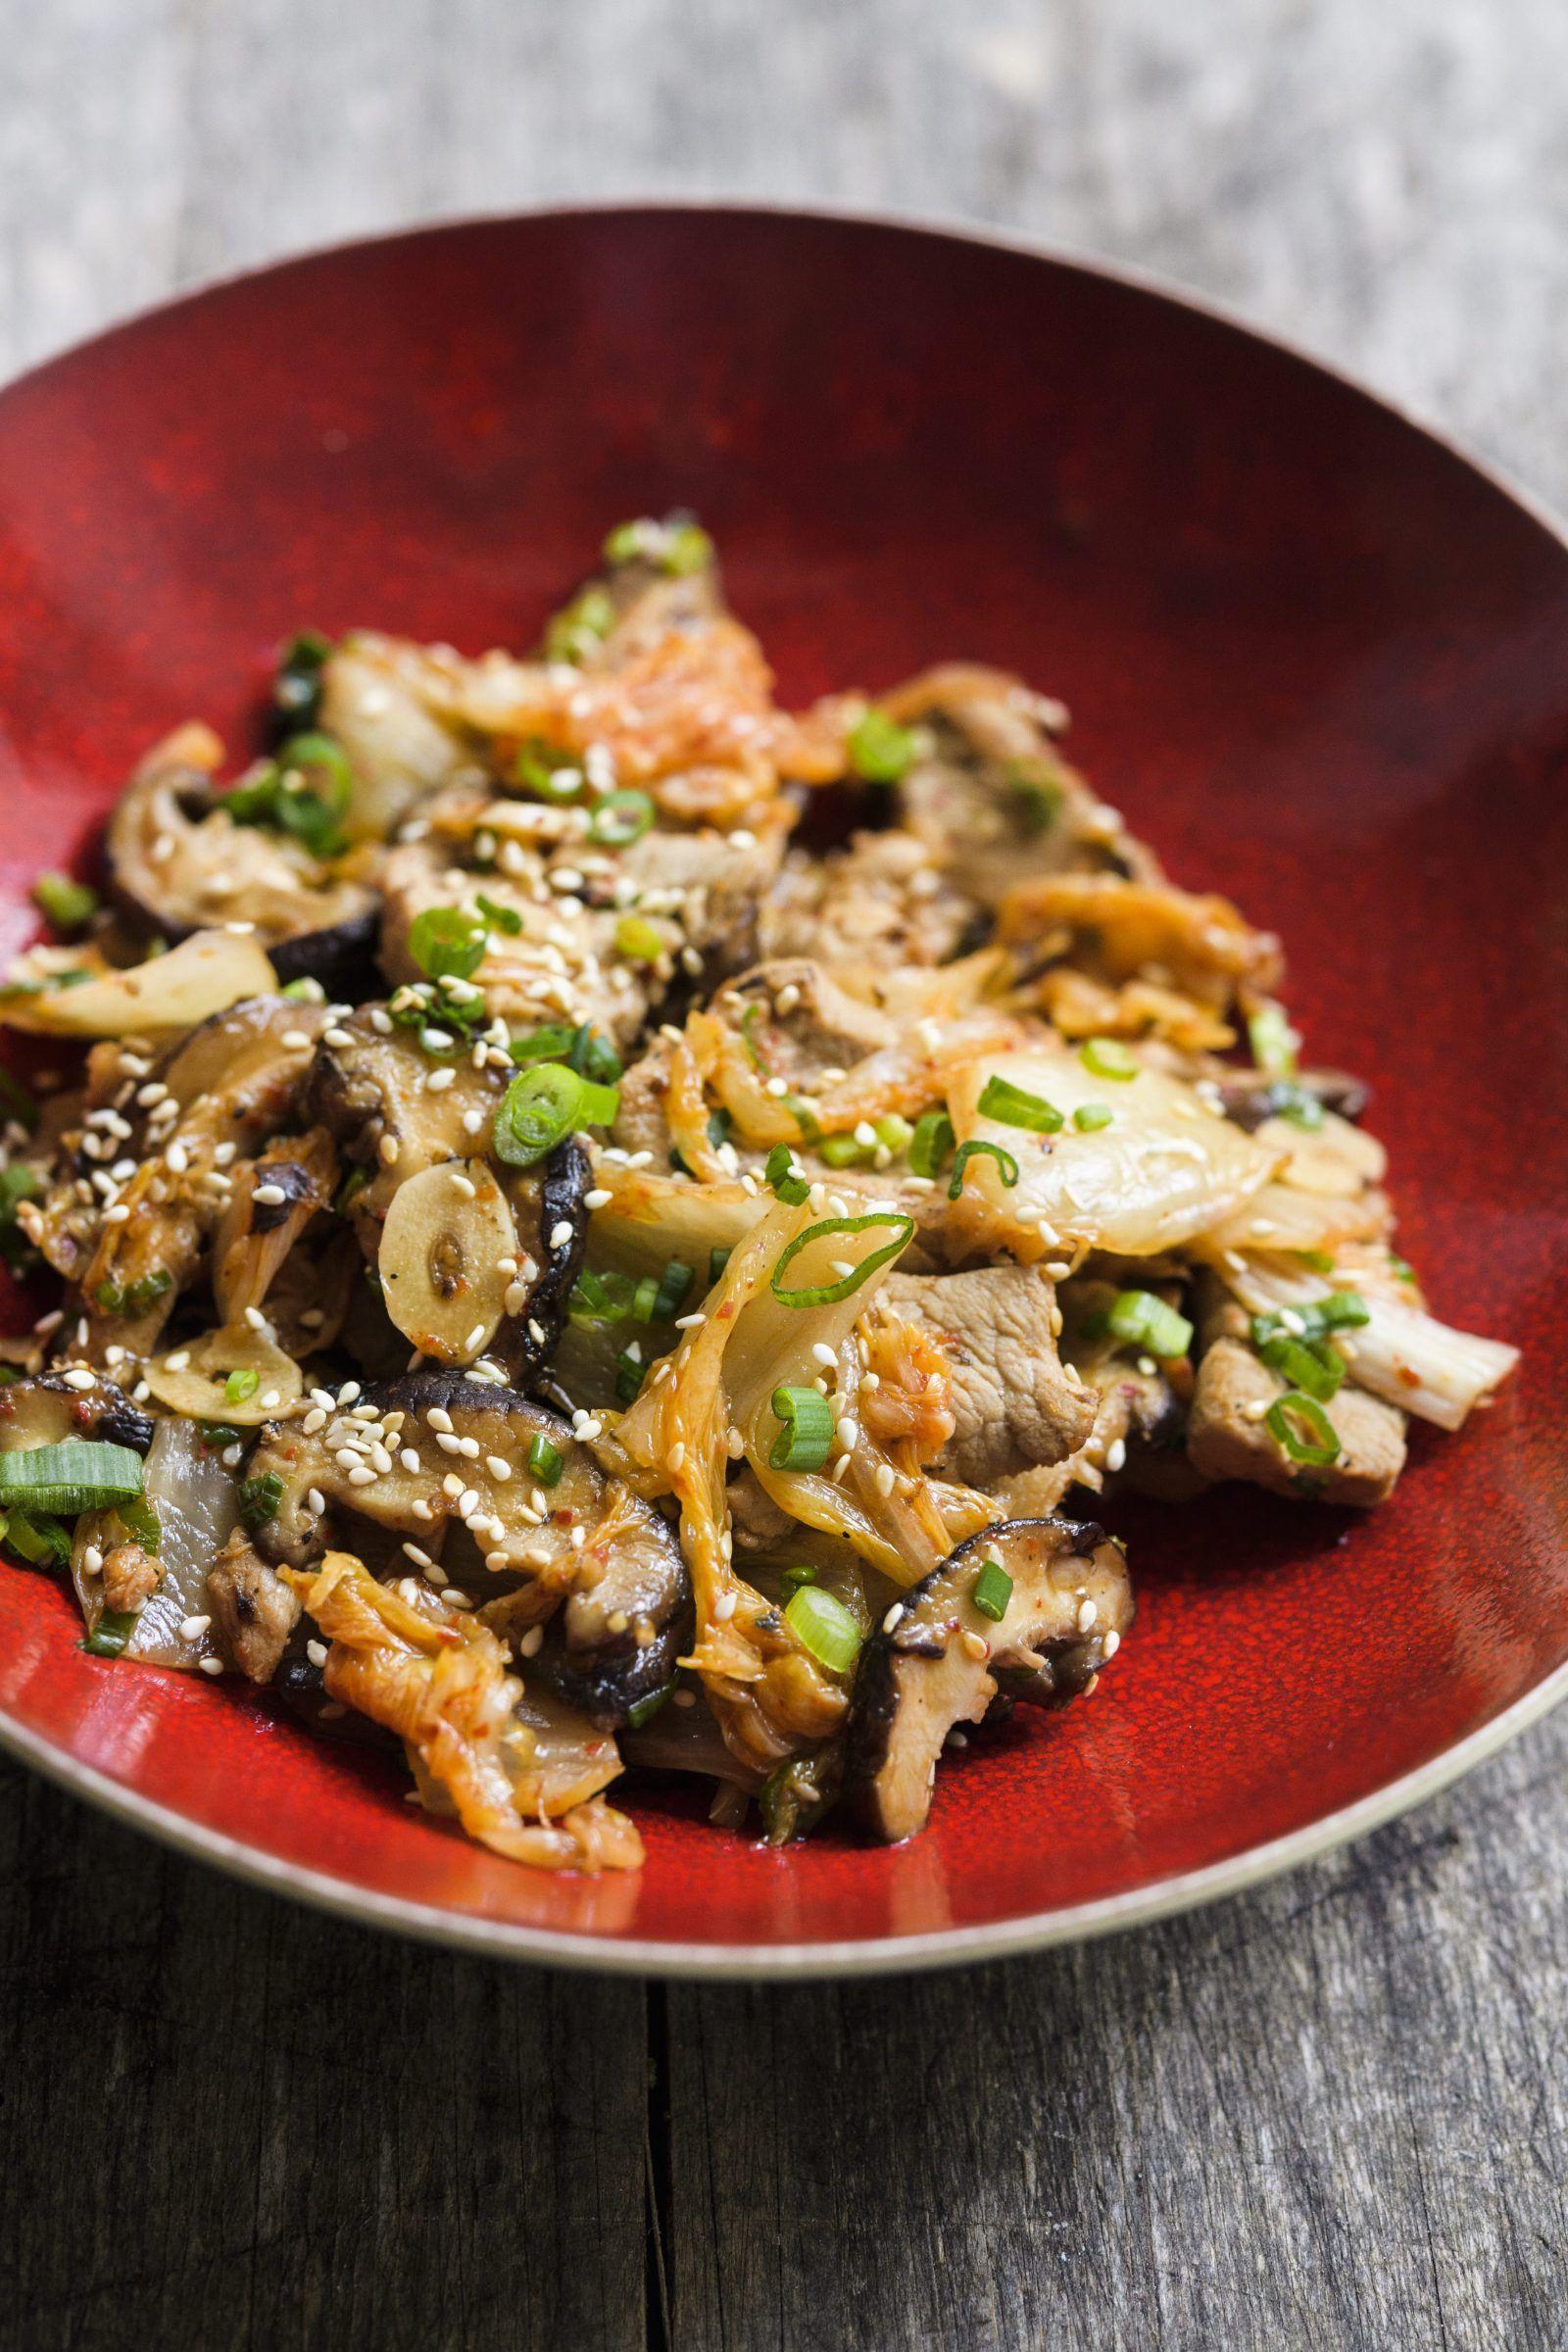 Sesame Stir Fried Pork With Shiitakes Recipe Pork Recipes